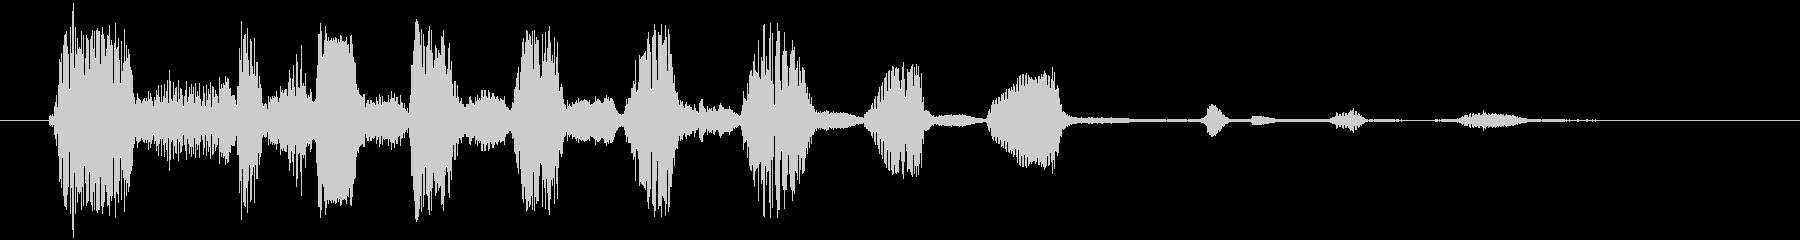 男性:ショート、ハードラフ、コメデ...の未再生の波形